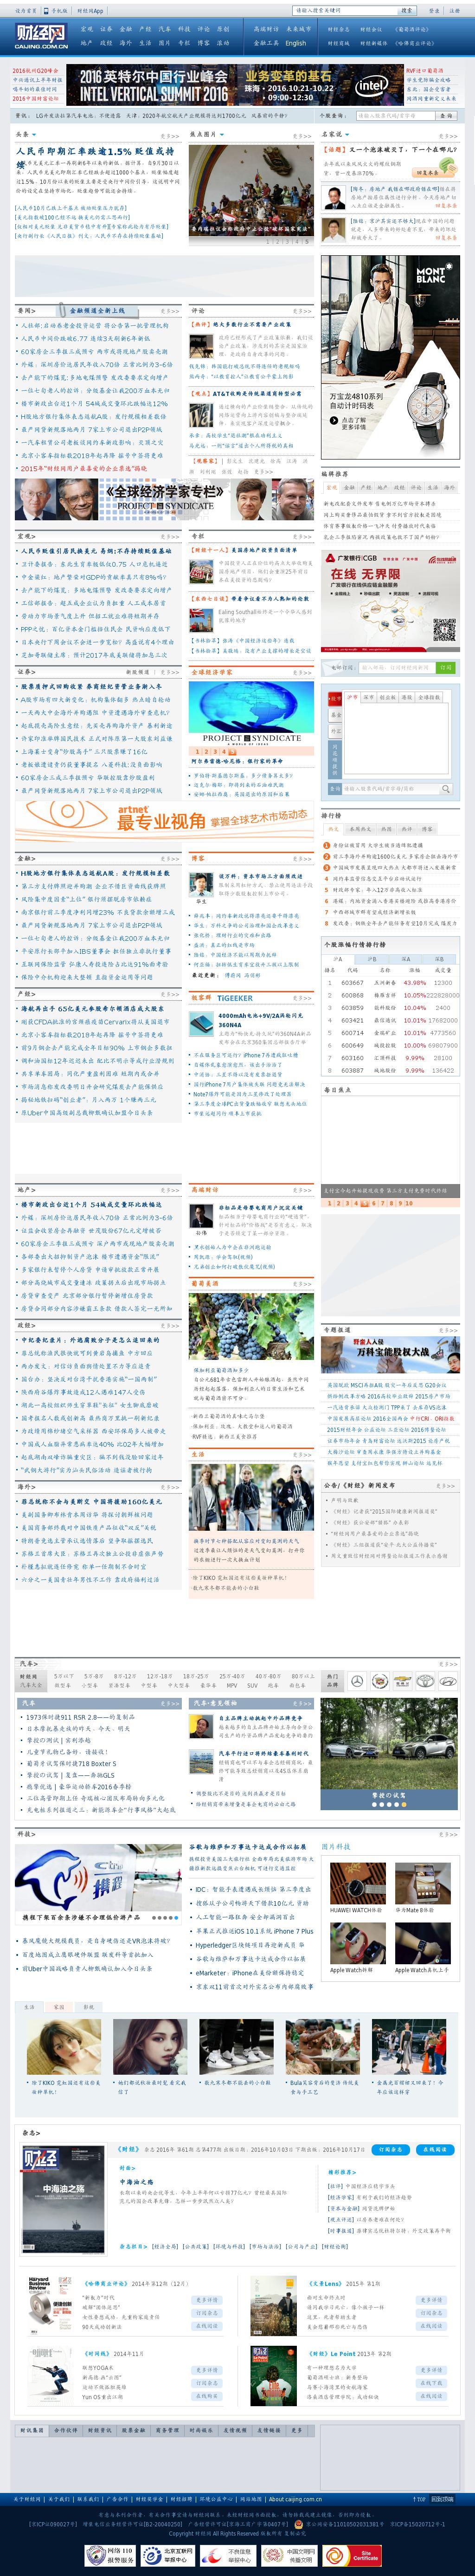 Caijing at Tuesday Oct. 25, 2016, 4:01 a.m. UTC